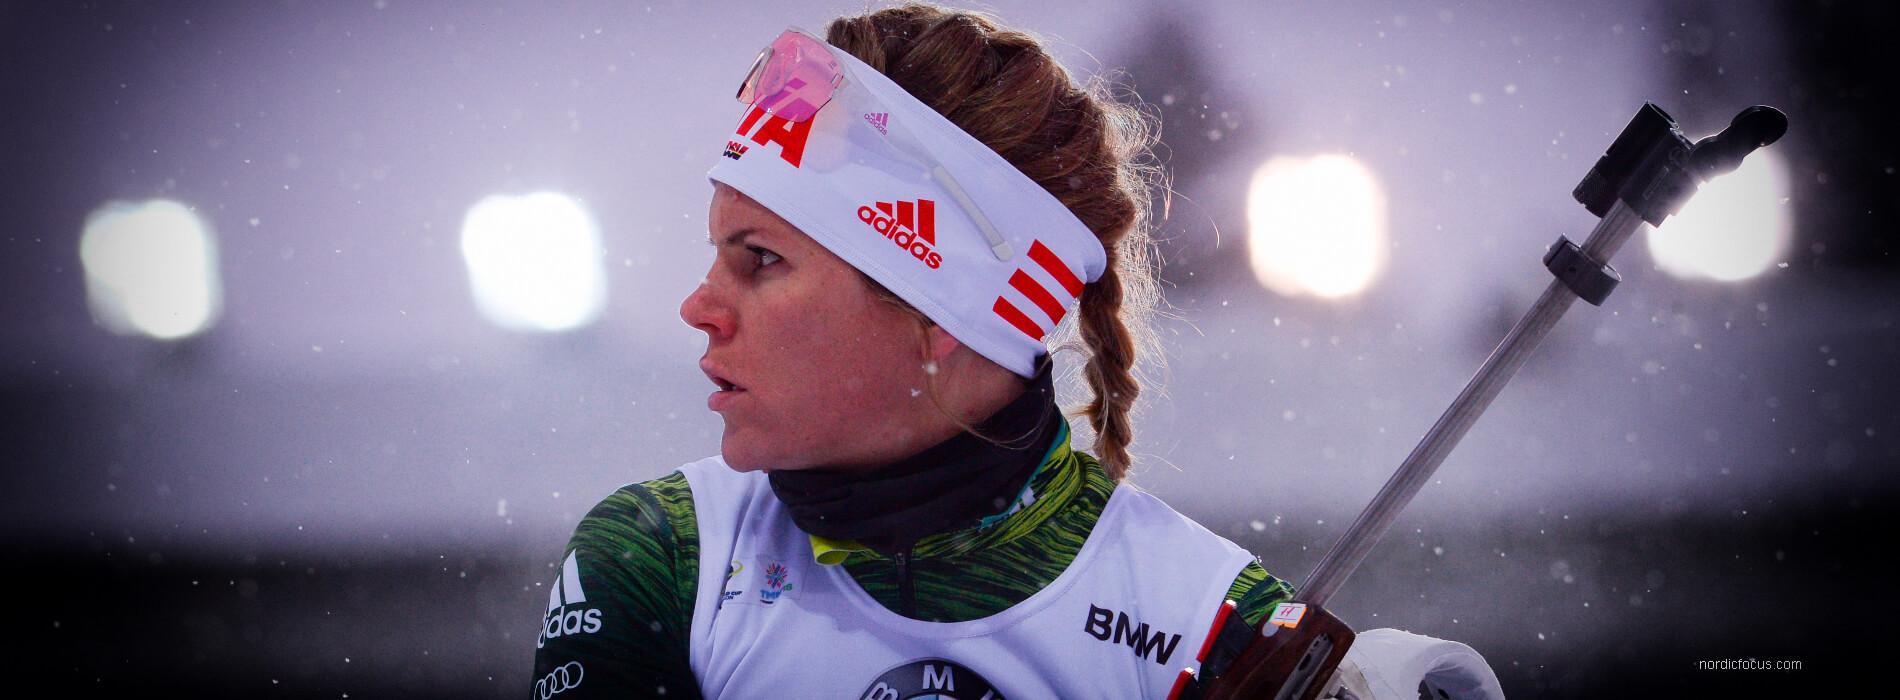 Nadine Horchler Saisonstart IBU Cup 2018/19 Idre